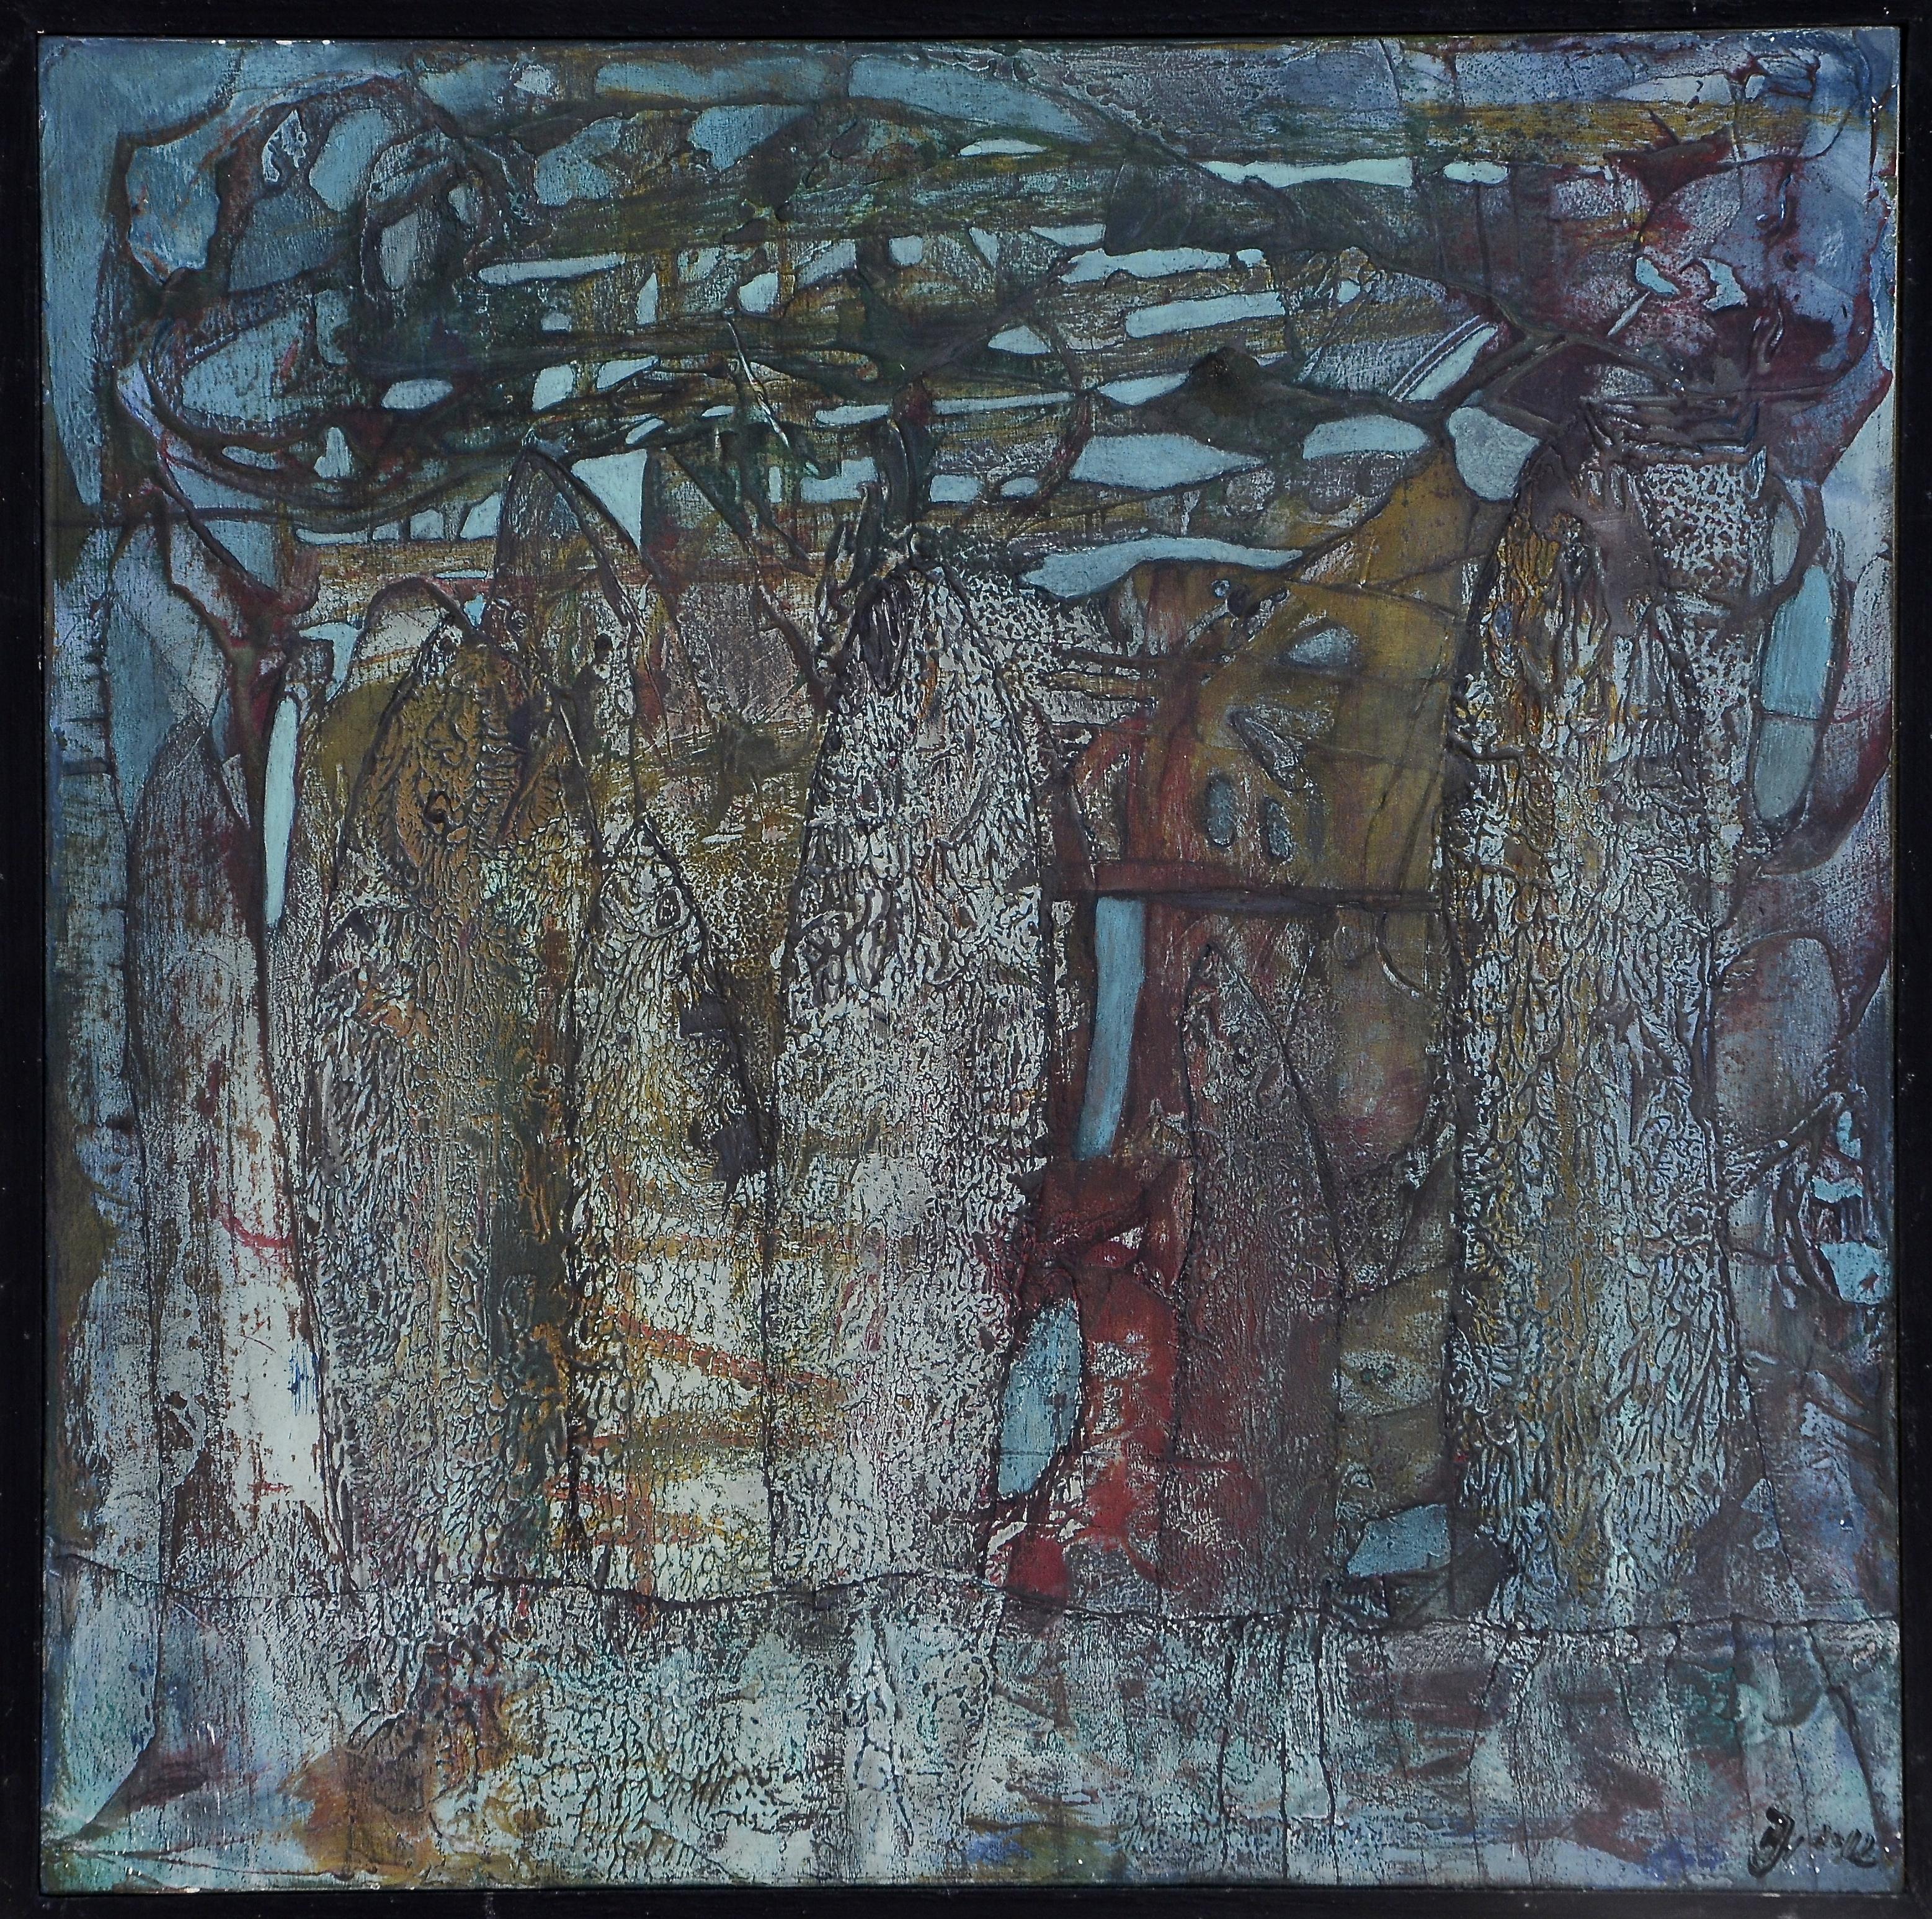 fische im netz,acryl,tusche auf MDF,35x35cm,2012.JPG